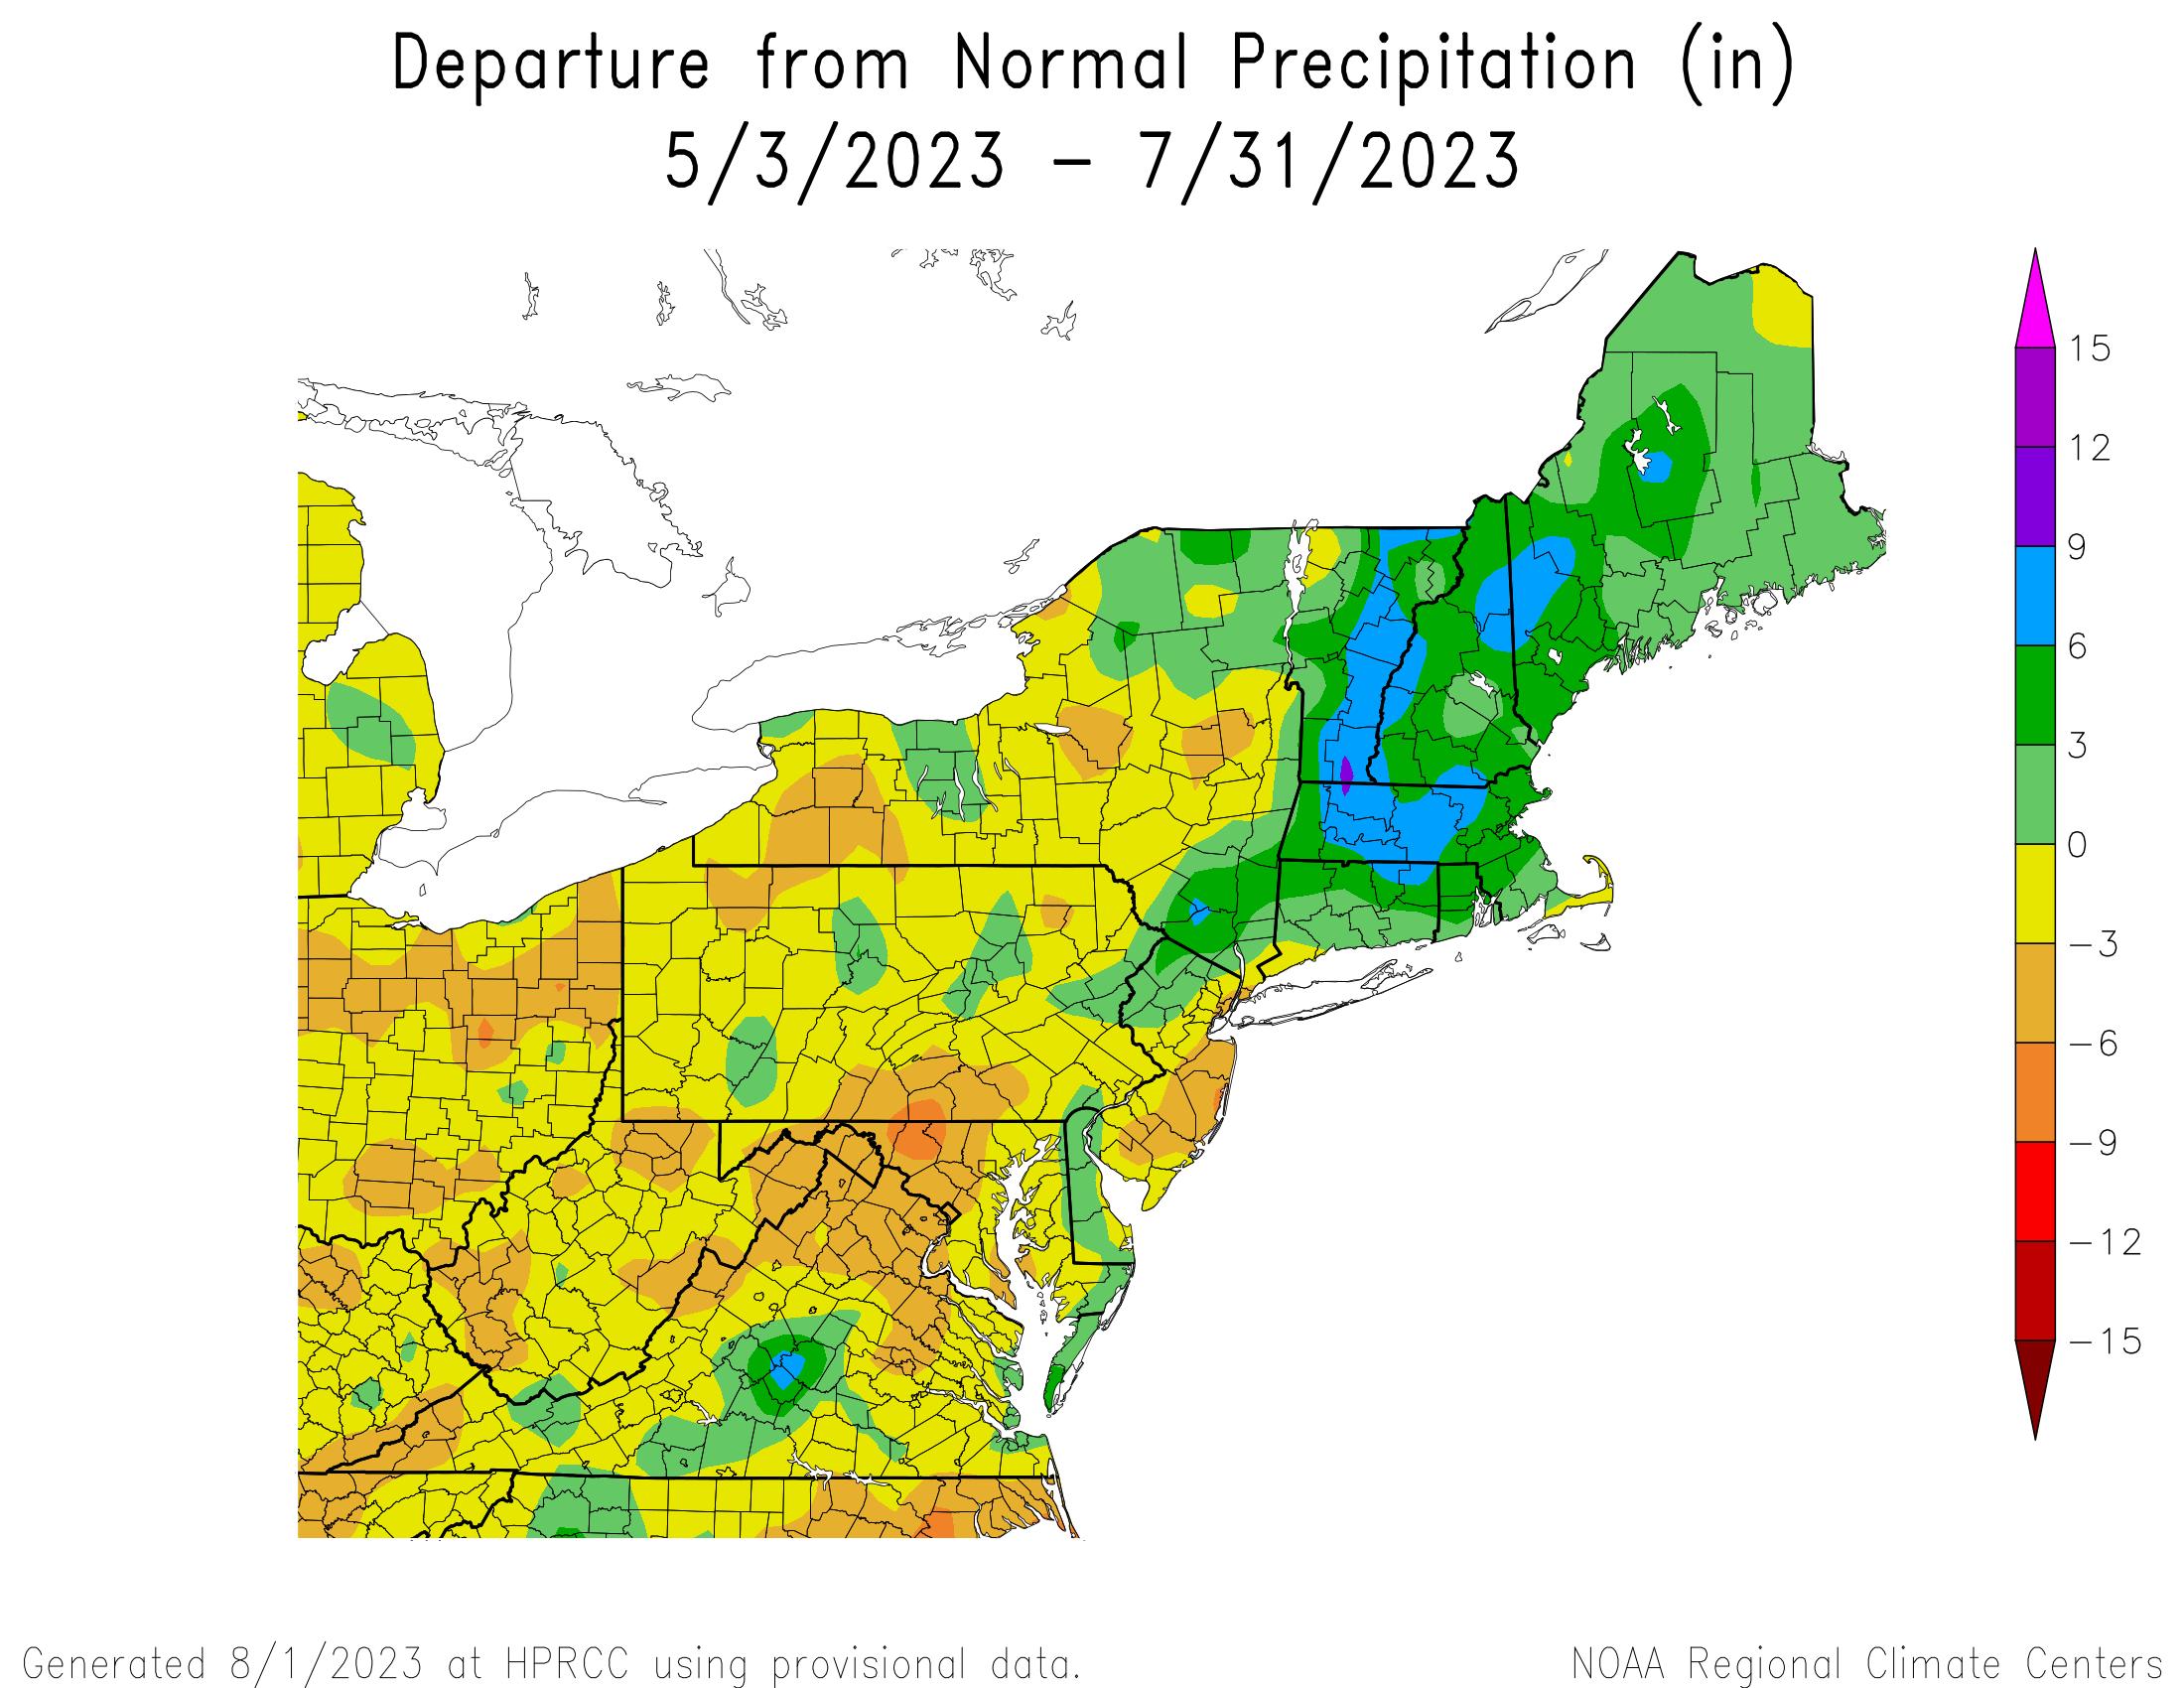 90-Day Total Precipitation Departure